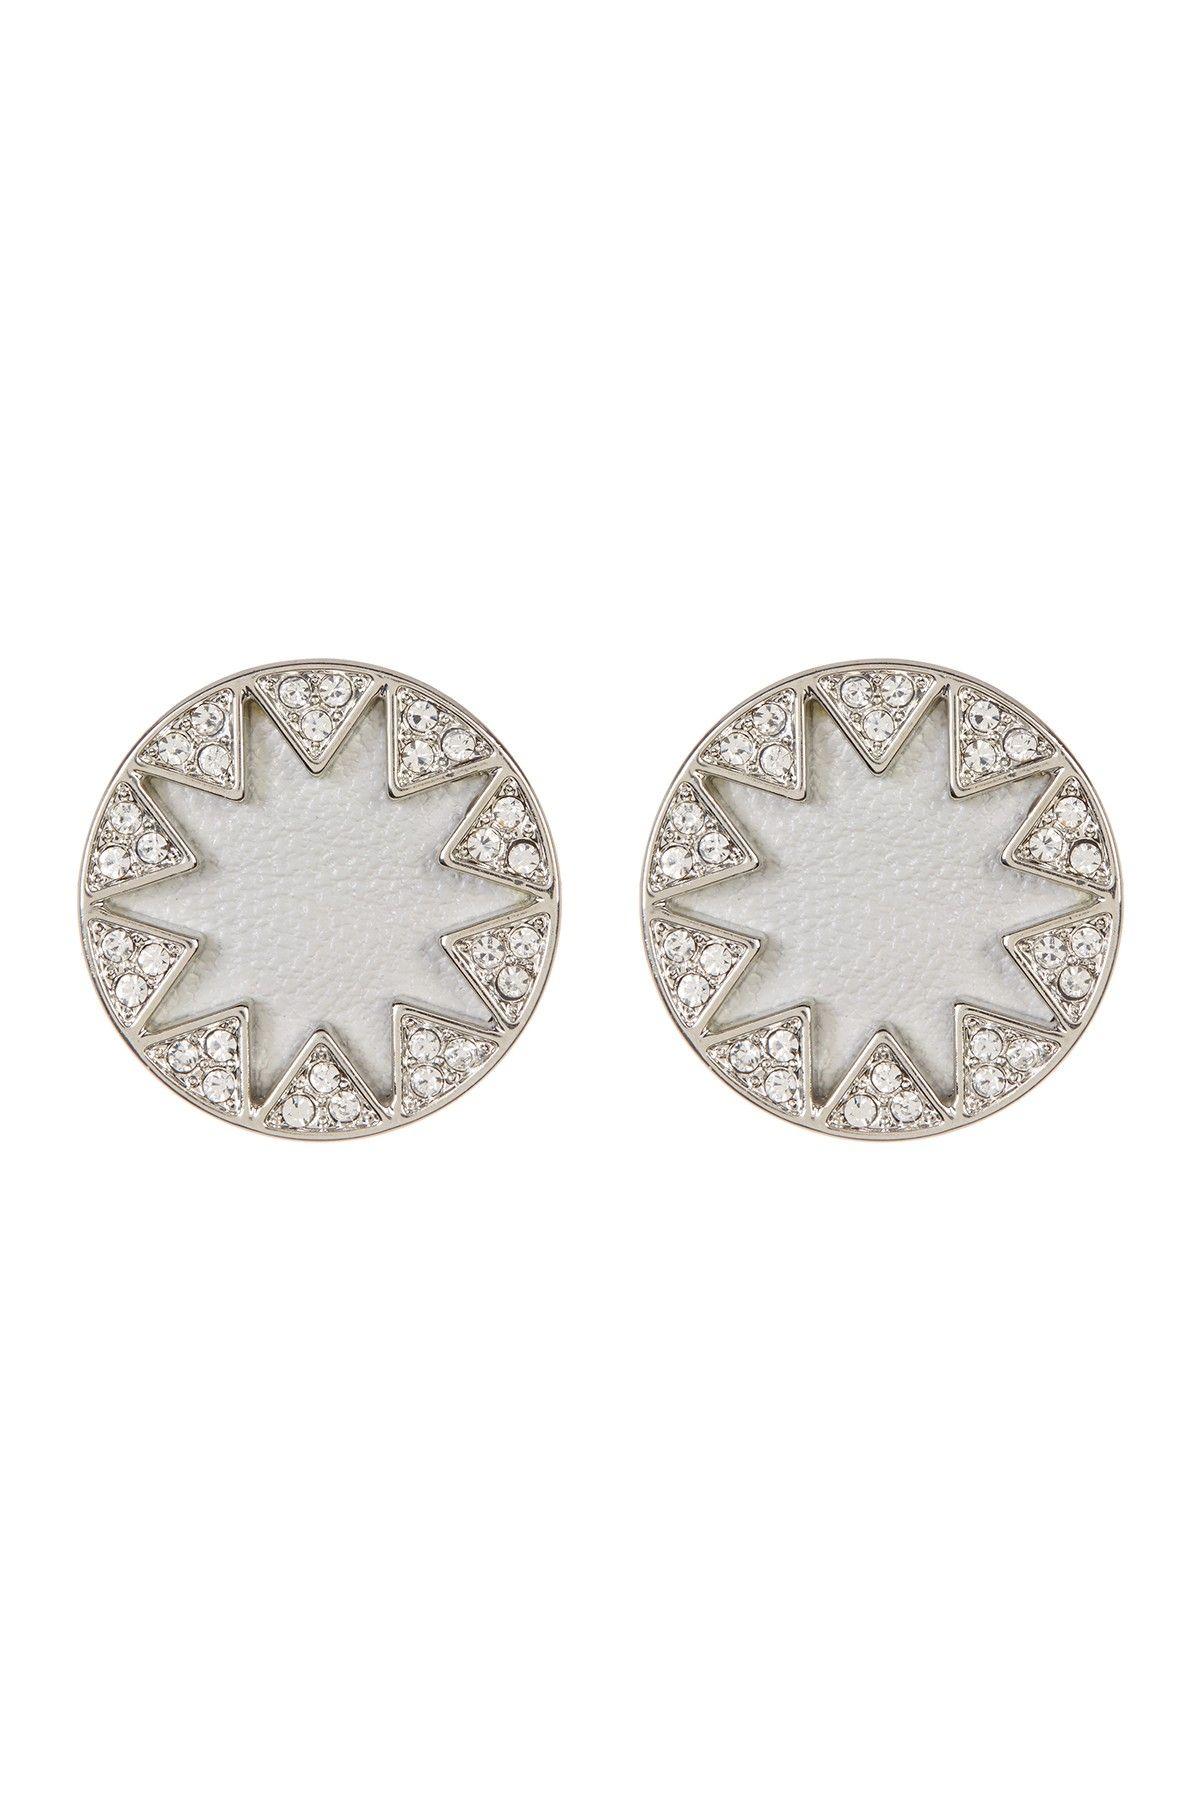 Embellished Sunburst Bezel Round Earrings